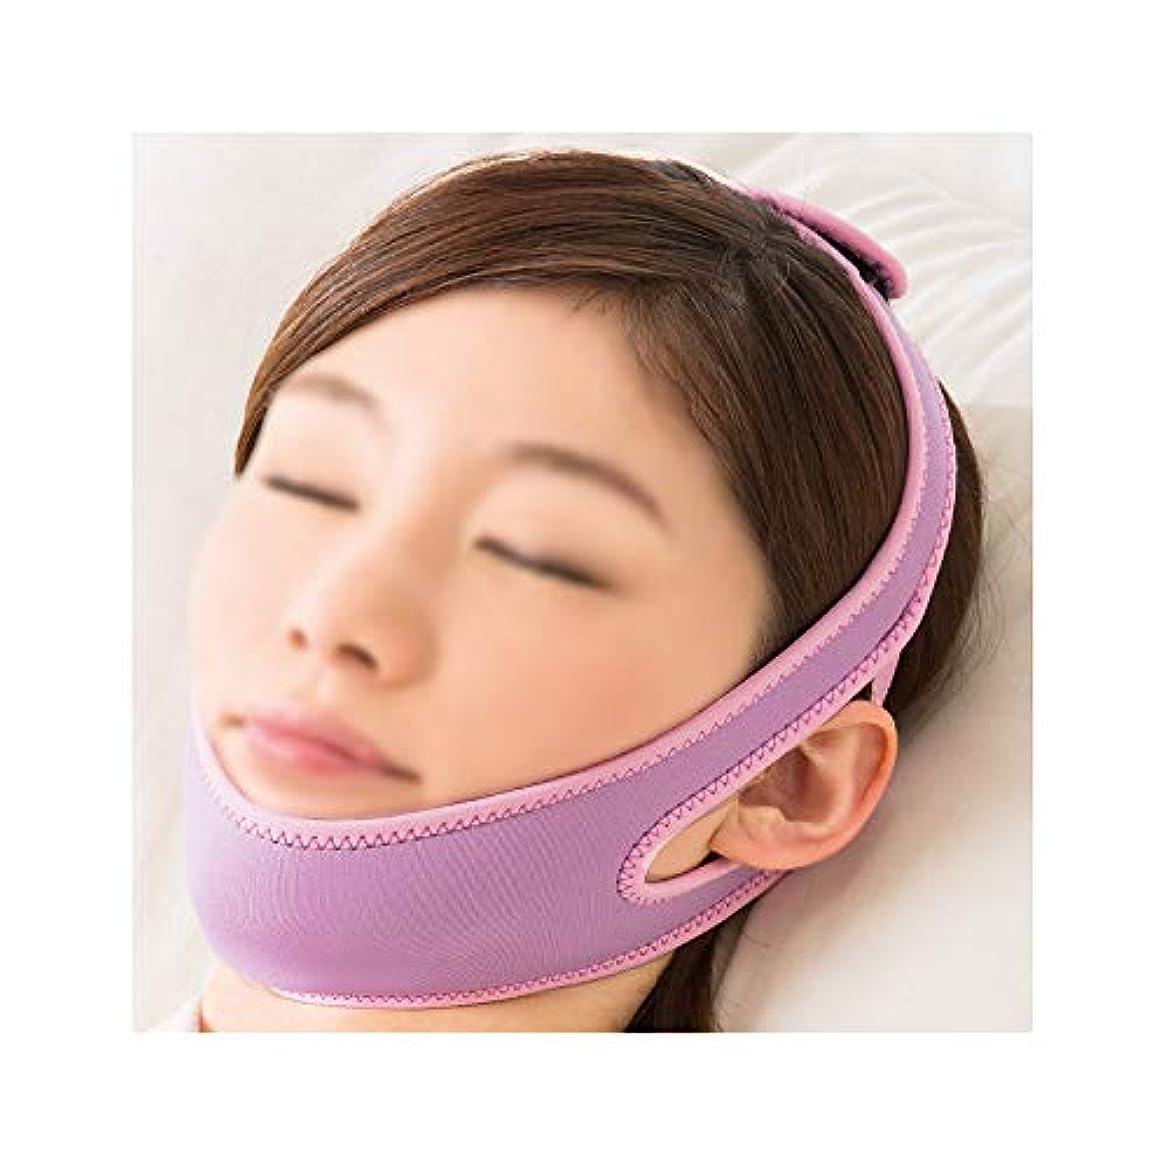 動作コンテンツ娯楽TLMY マスクフェイスリフトアーチファクトマスク垂れ顔小さいVフェイス包帯通気性睡眠両面あごスーツ睡眠弾性痩身ベルト 顔用整形マスク